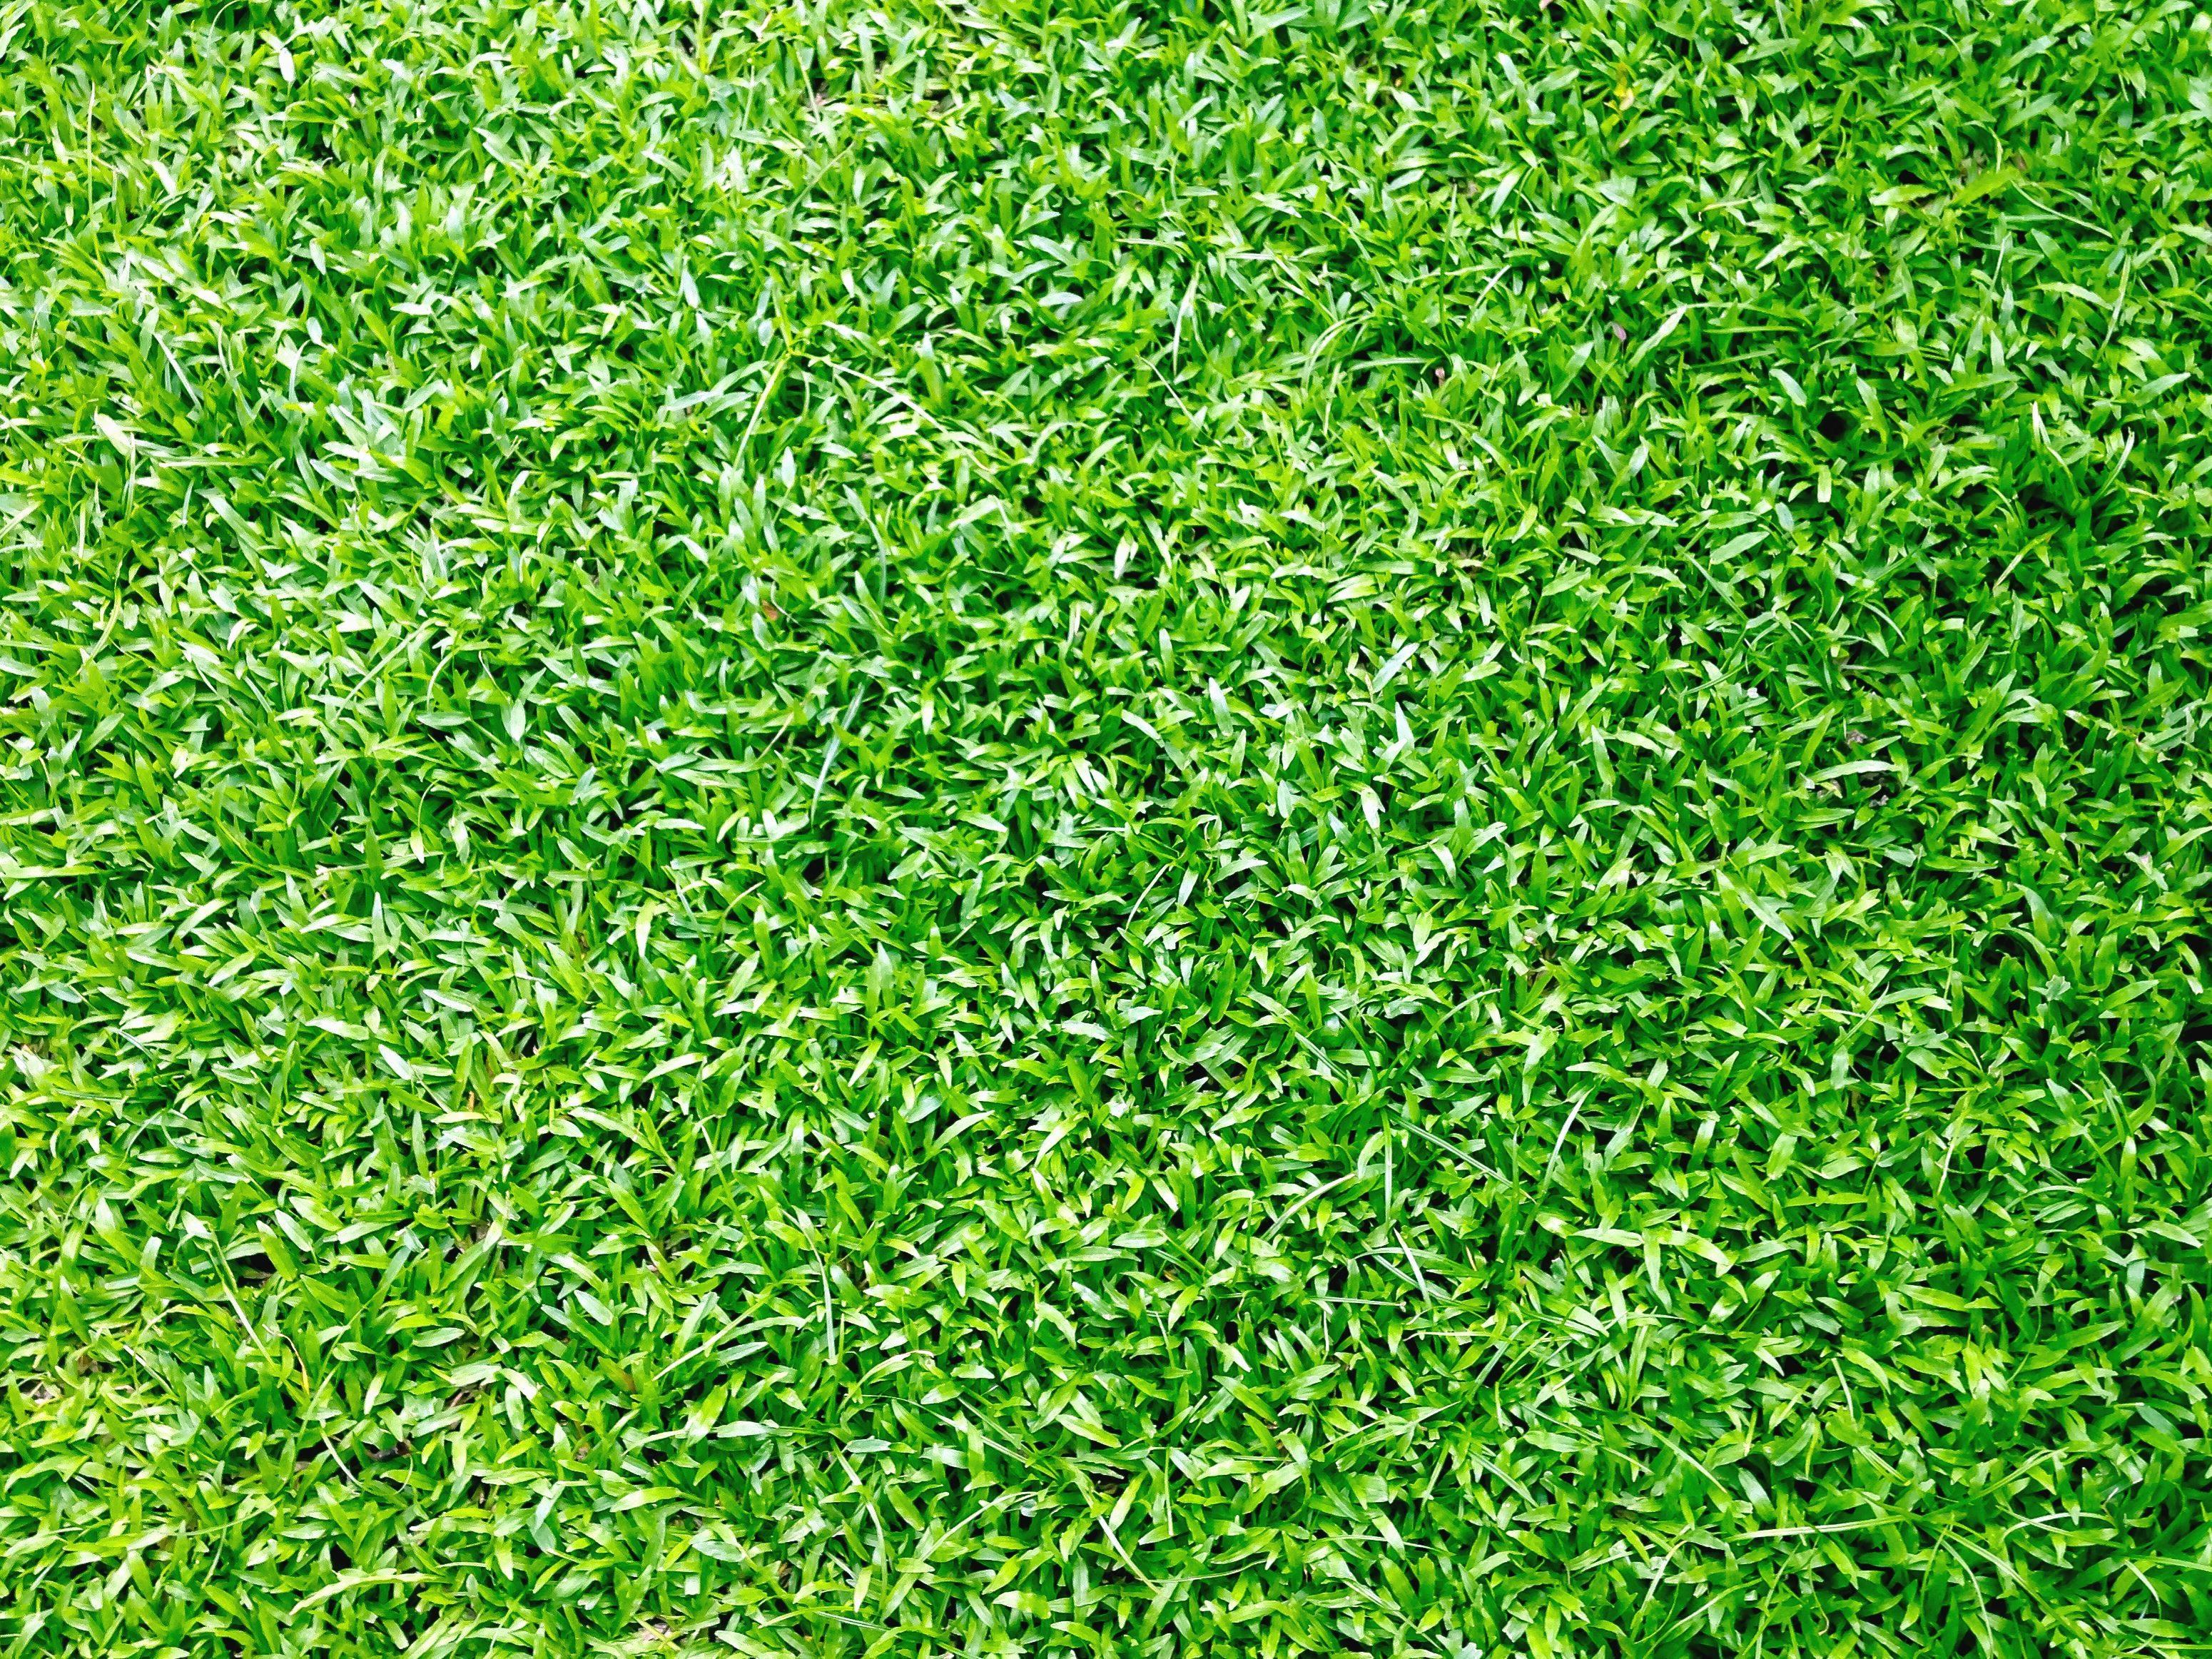 Imagen gratis verde jard n hierba planta verano for Hierba jardin